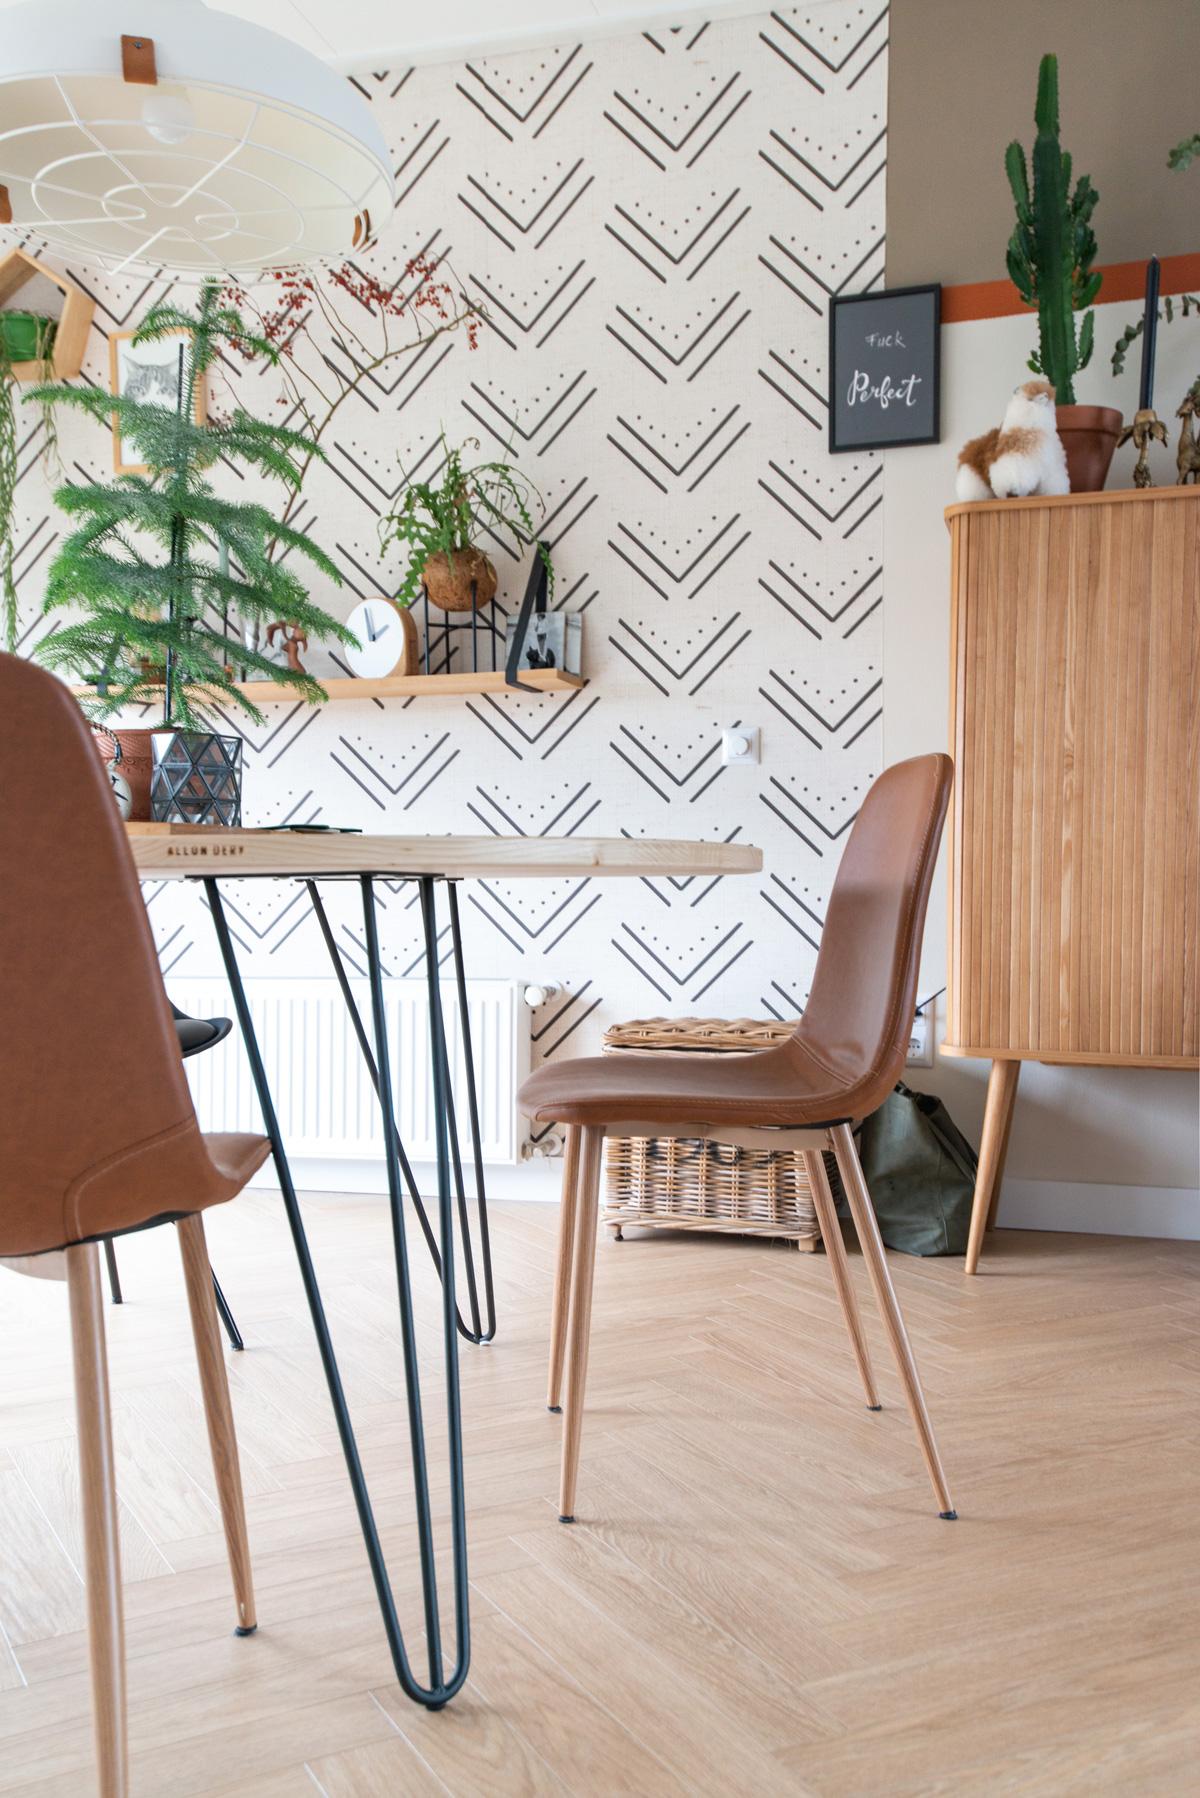 keeelly91 allondery tafel rond op maat wooninspiratie eettafel eetkamer diningroom wallpaper behang muralswallpaper